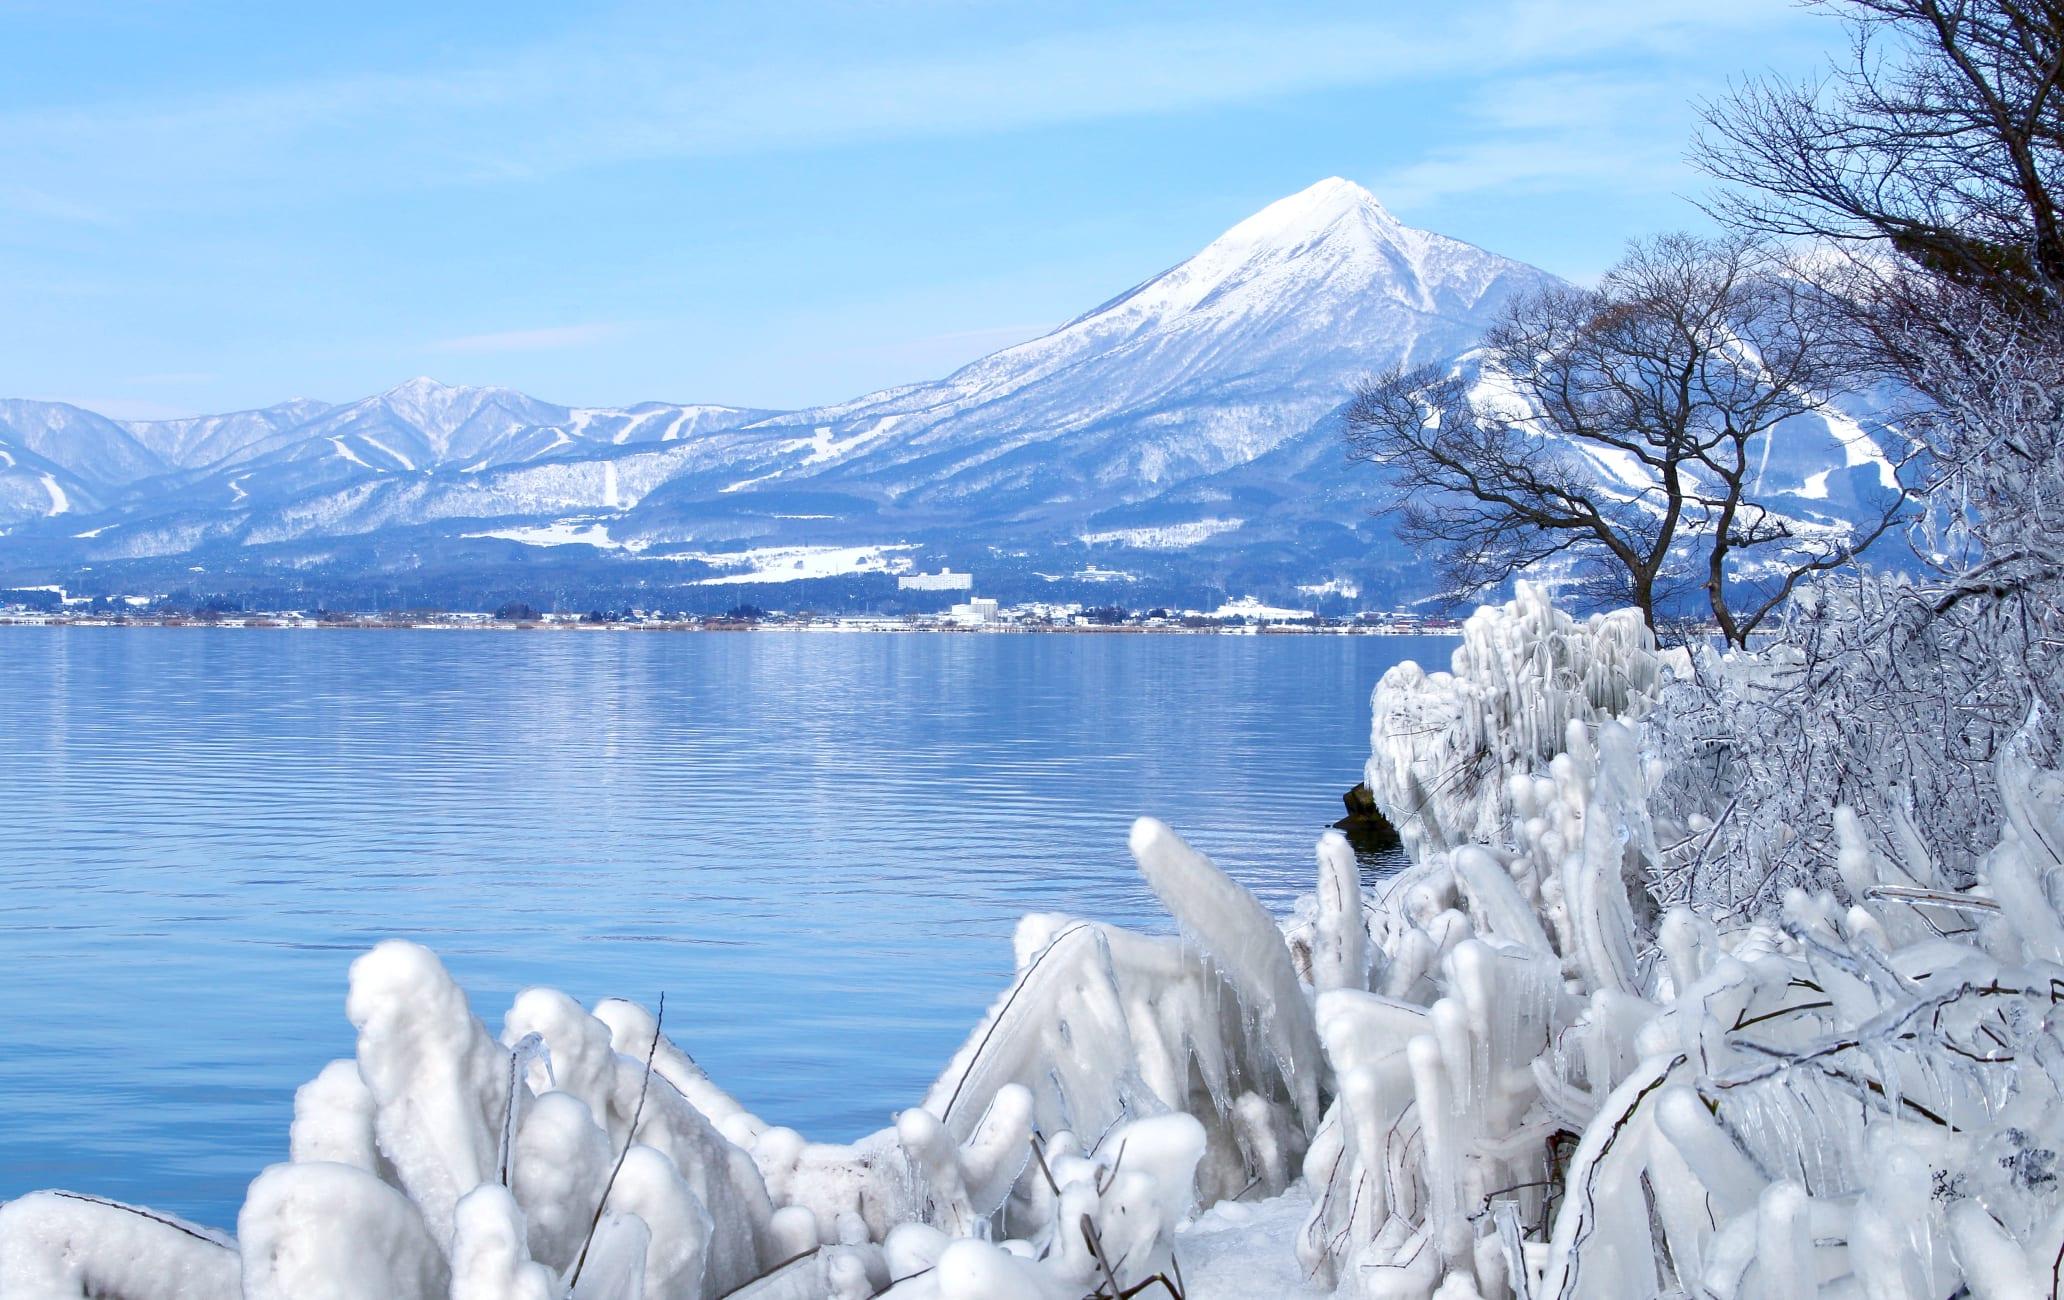 lake inawashiro-ko area